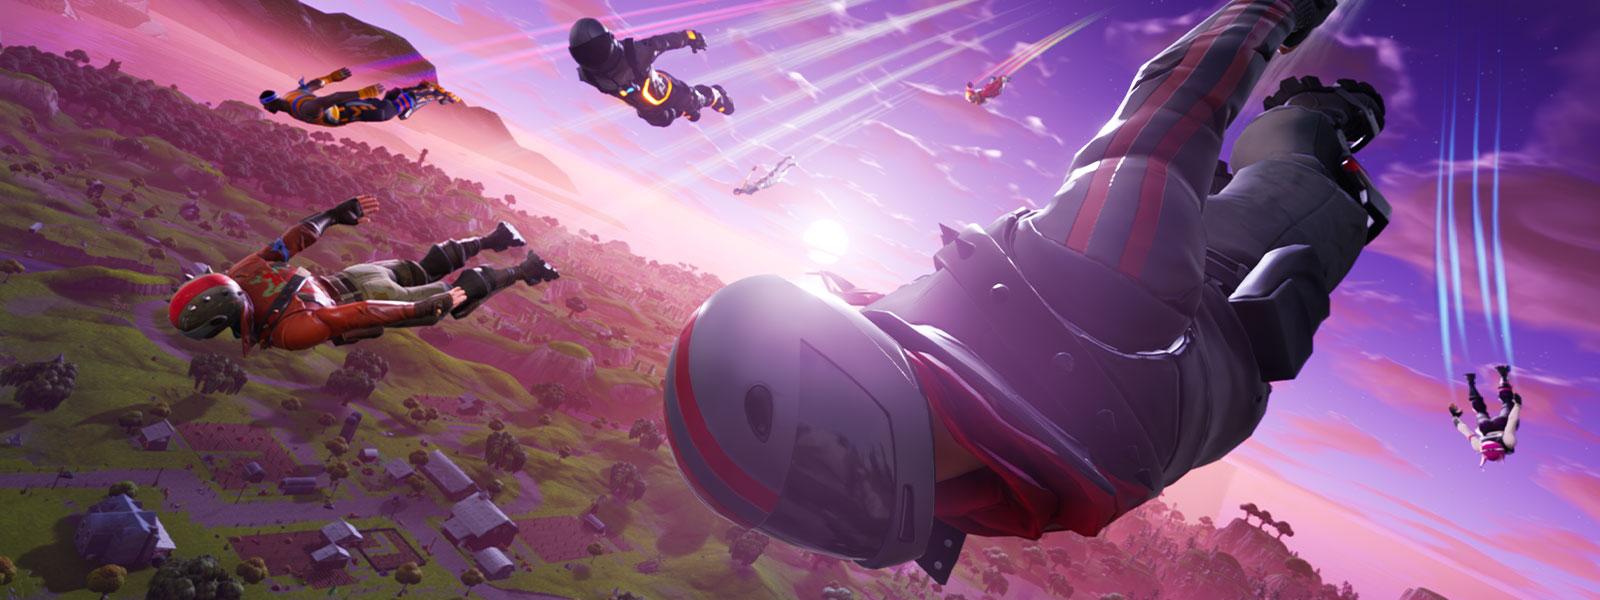 Několik postav letících dolů z oblohy nad městem.